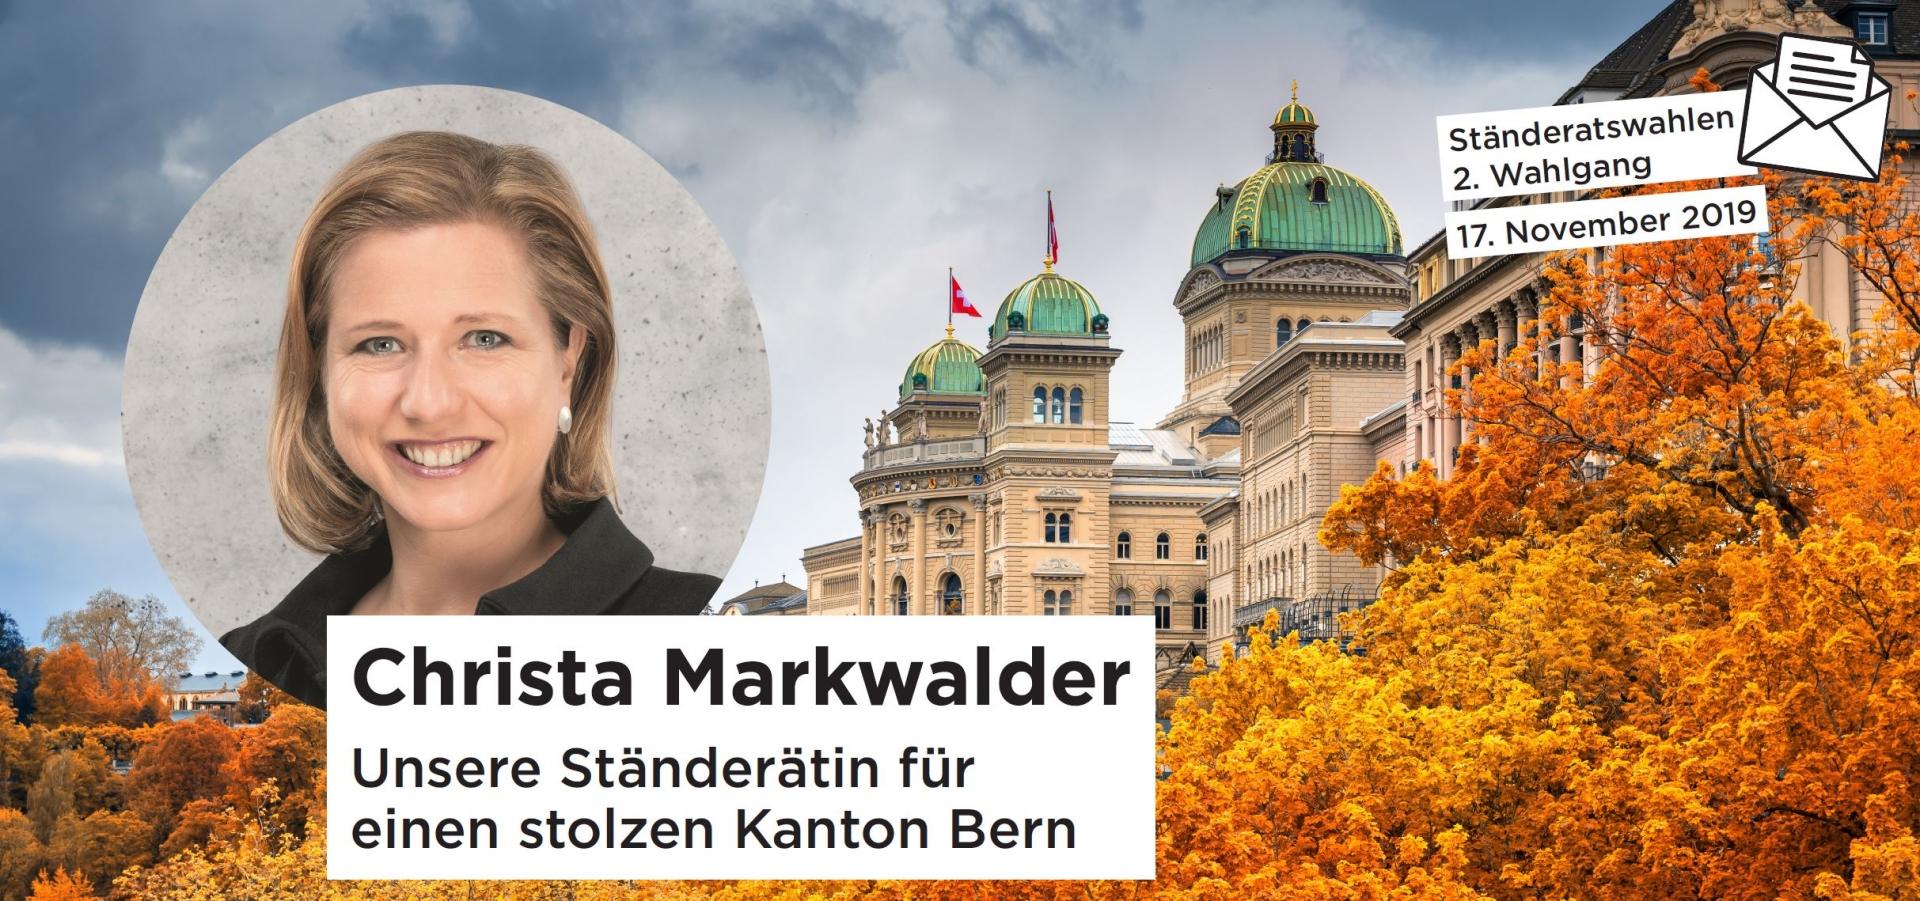 Ständeratswahlen, 2. Wahlgang: 17. November